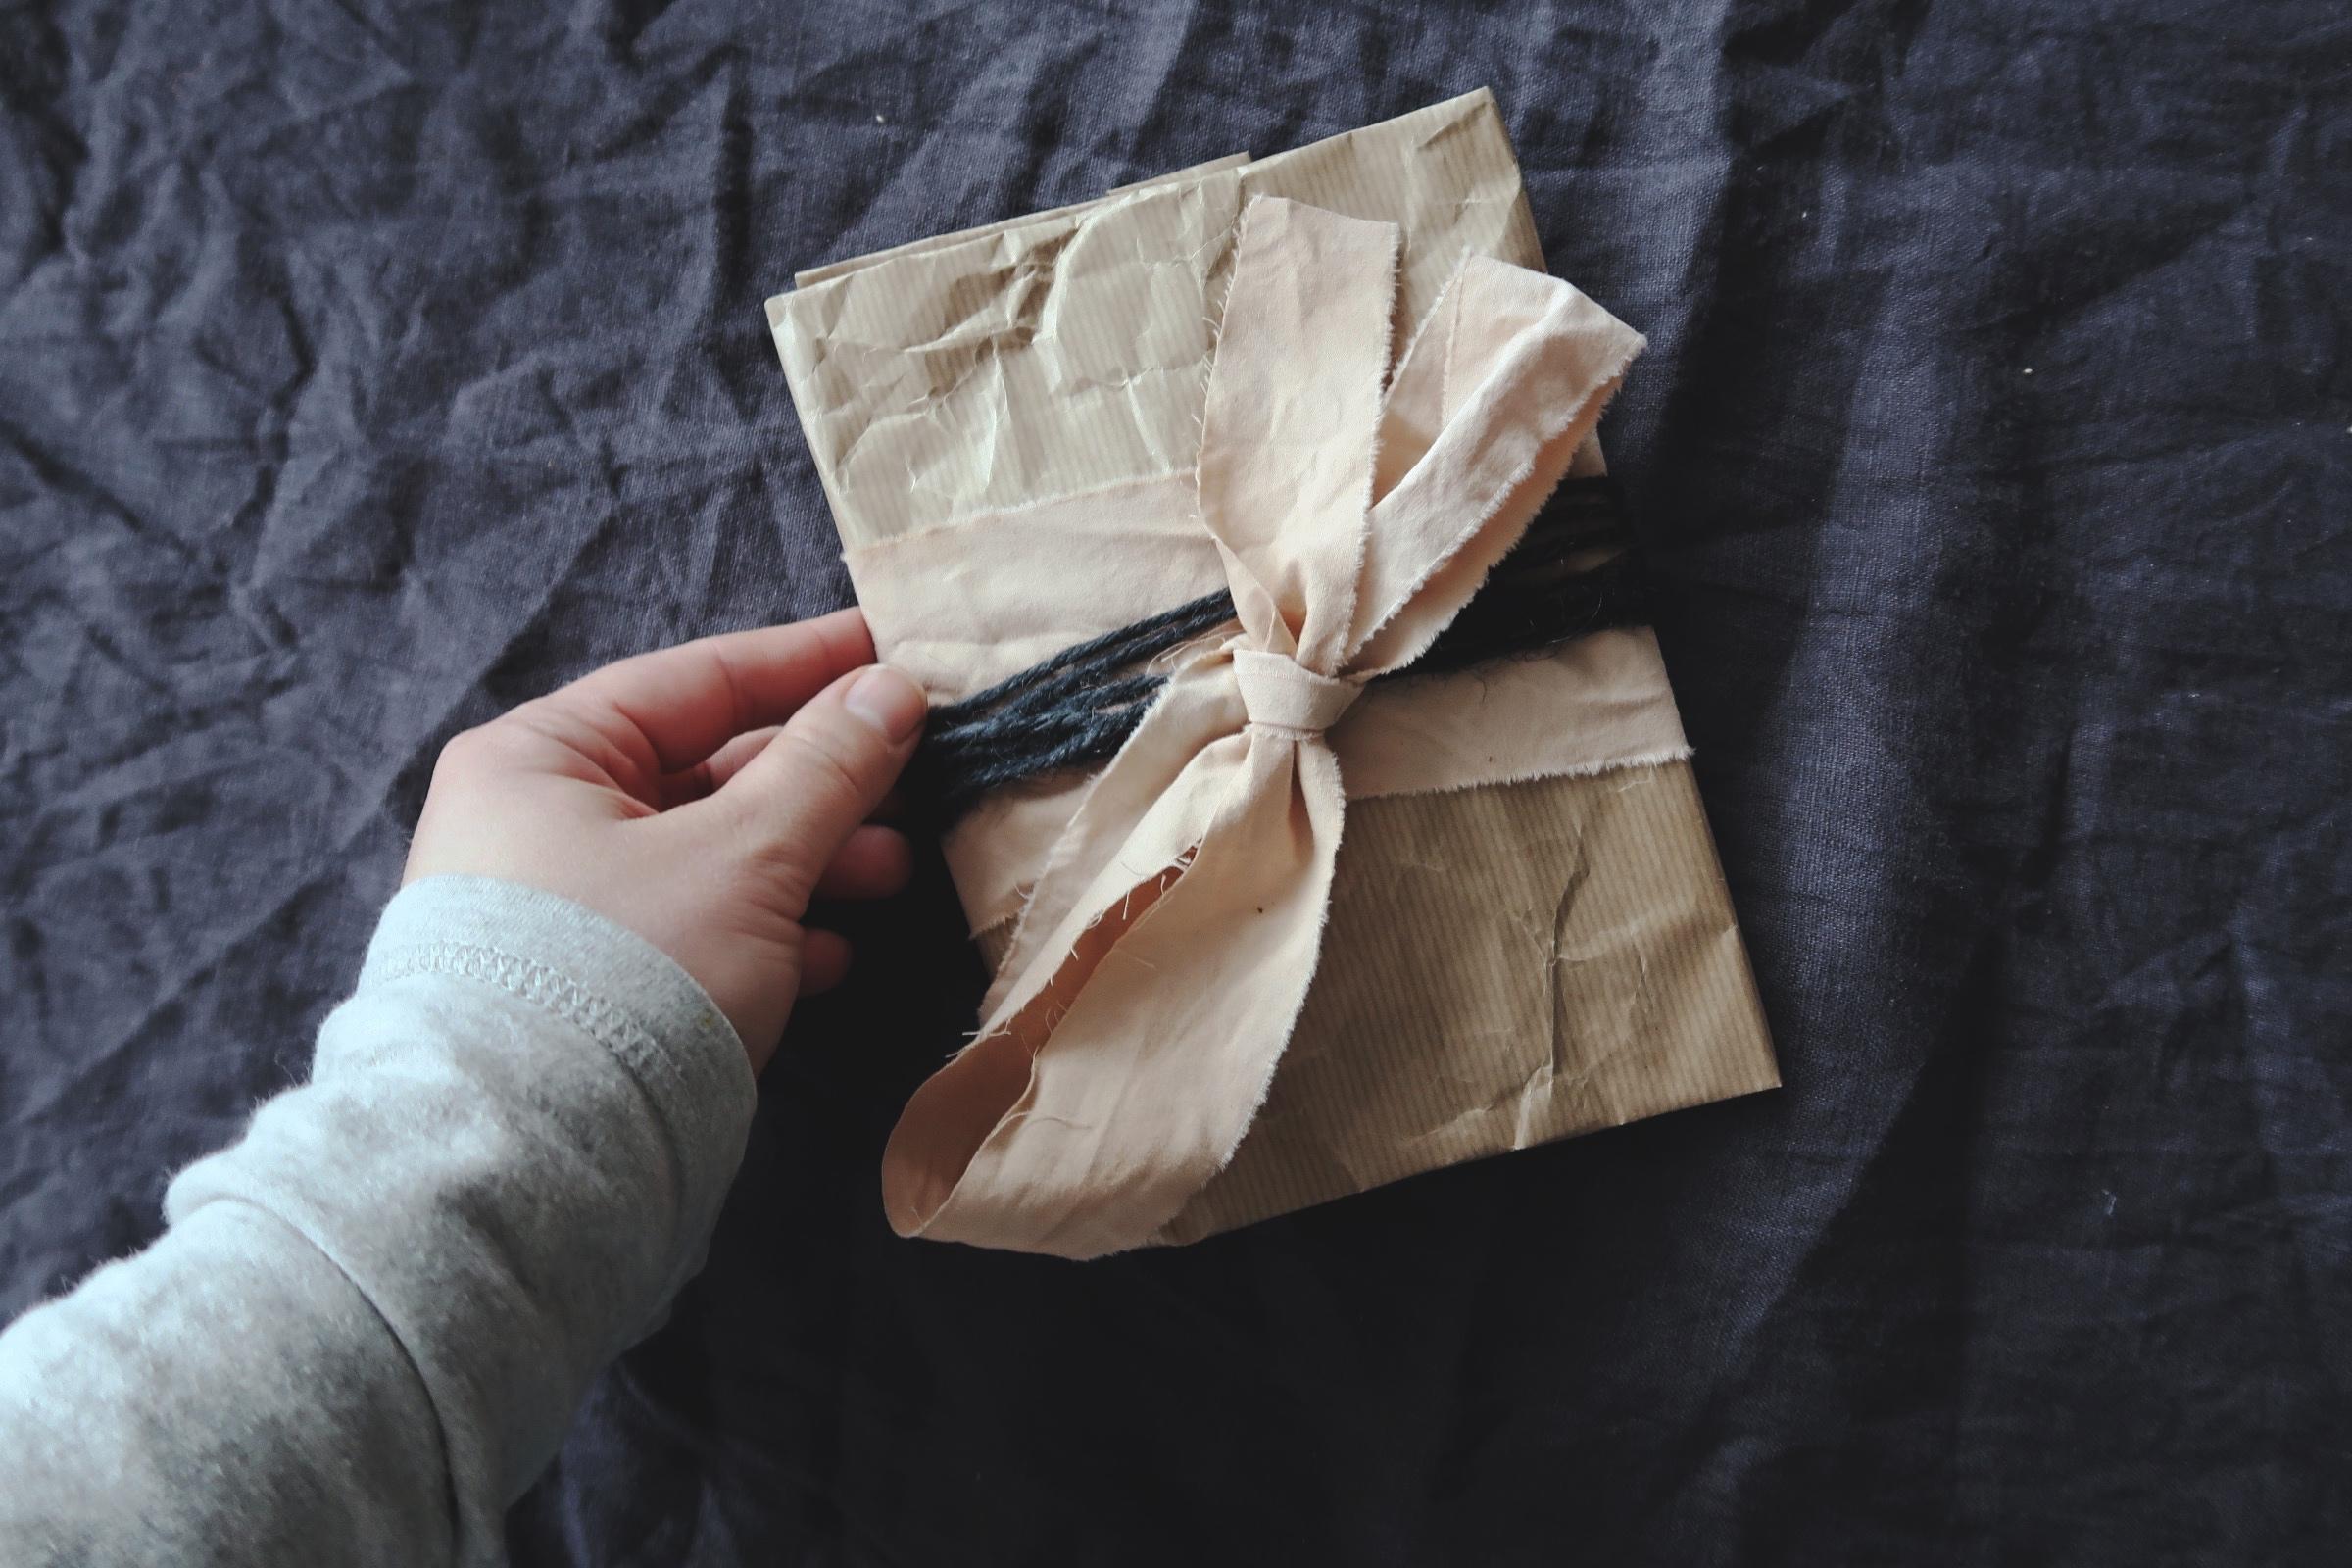 Paket inslaget med naturfärgat papper, växtfrägat band och svart snöre